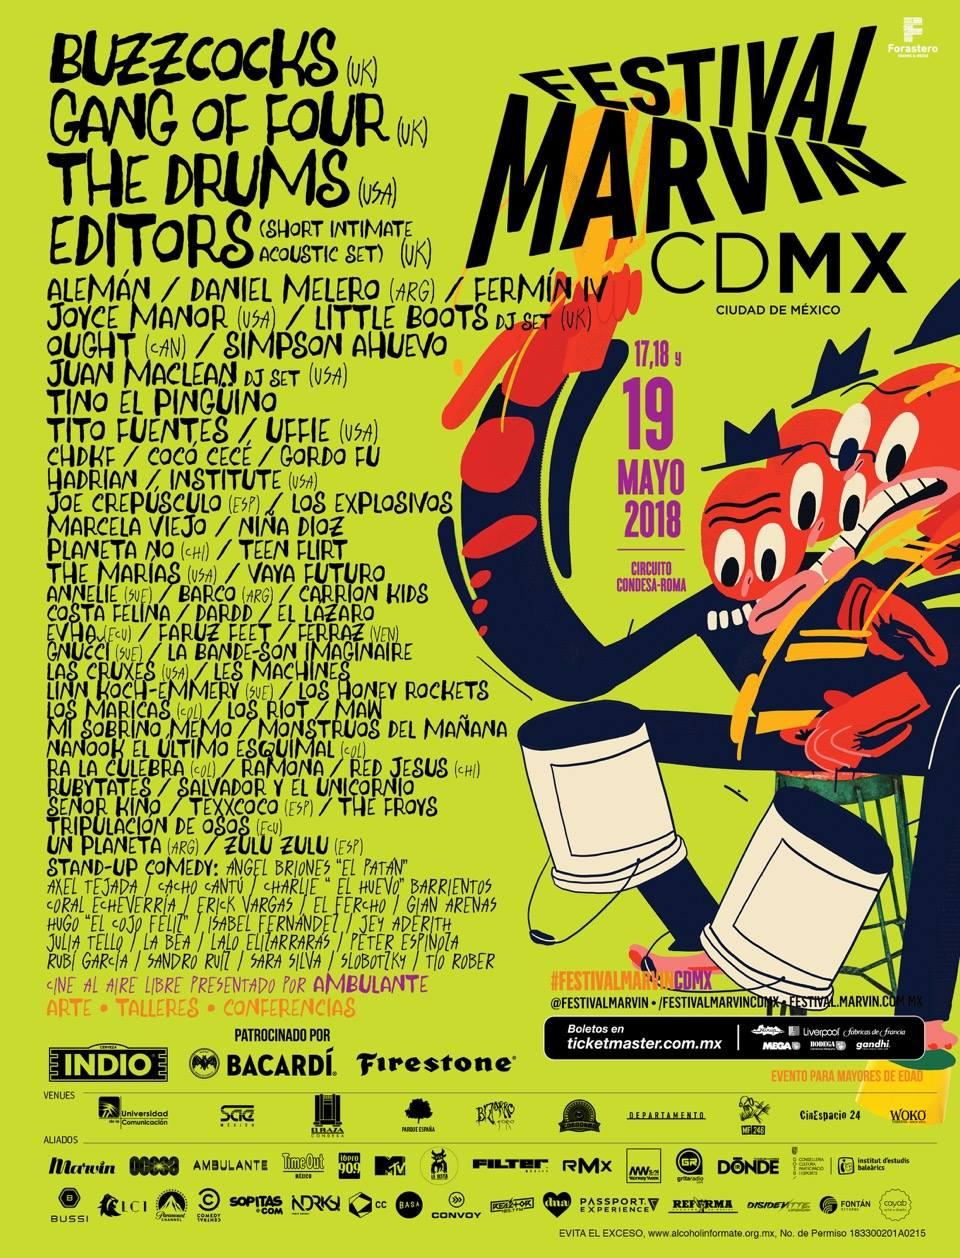 Cartel del Festival Marvin